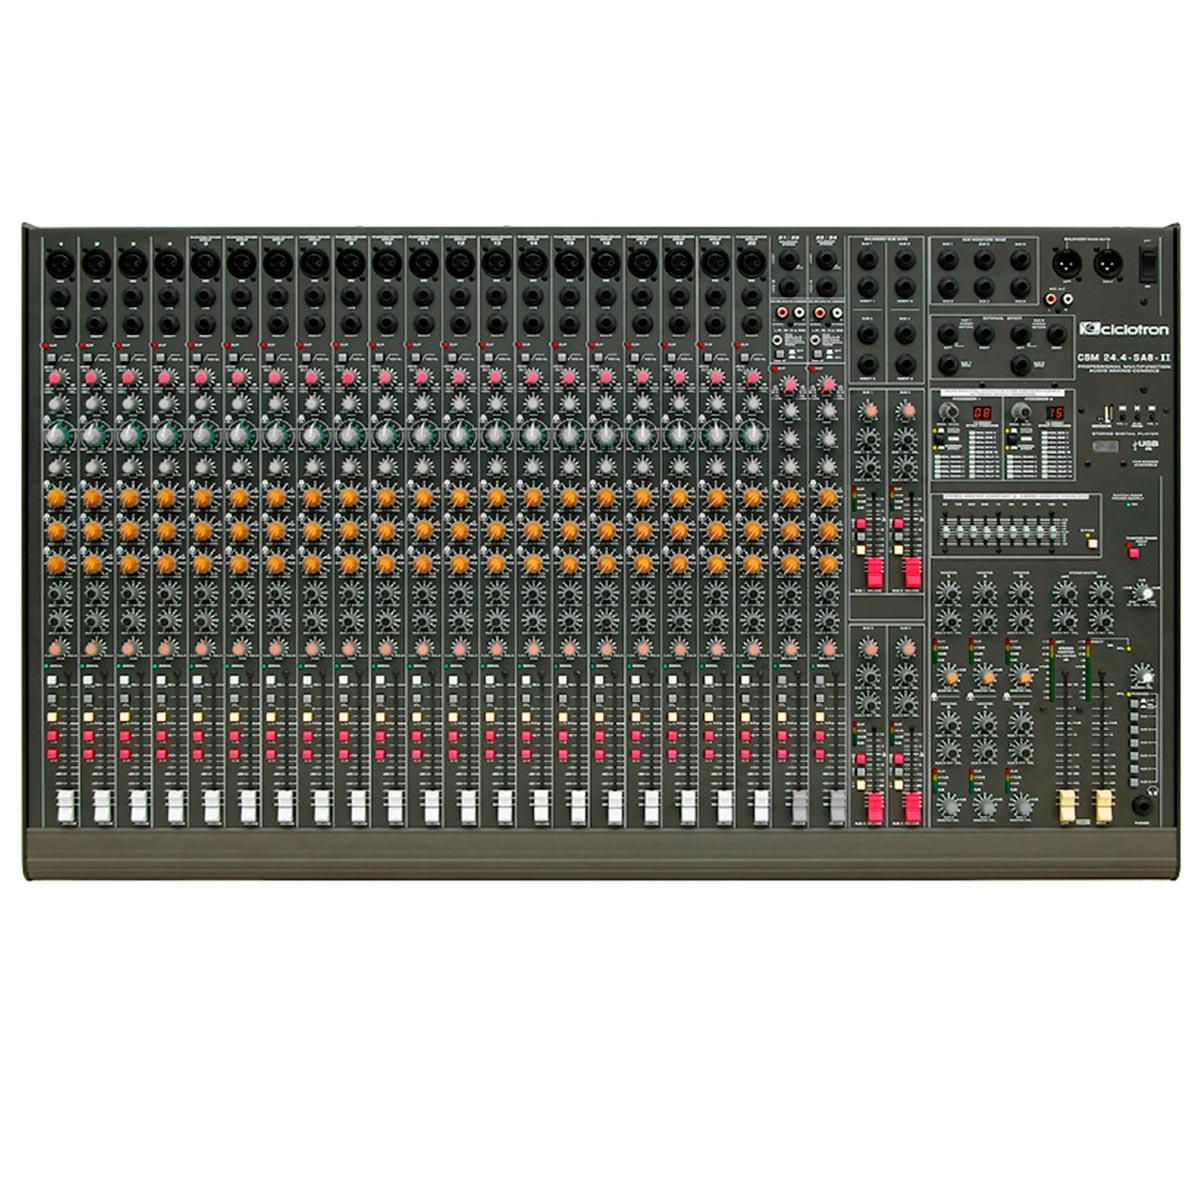 CSM244SA8II - Mesa de Som / Mixer 24 Canais USB CSM 24 4 S A 8 II - Ciclotron